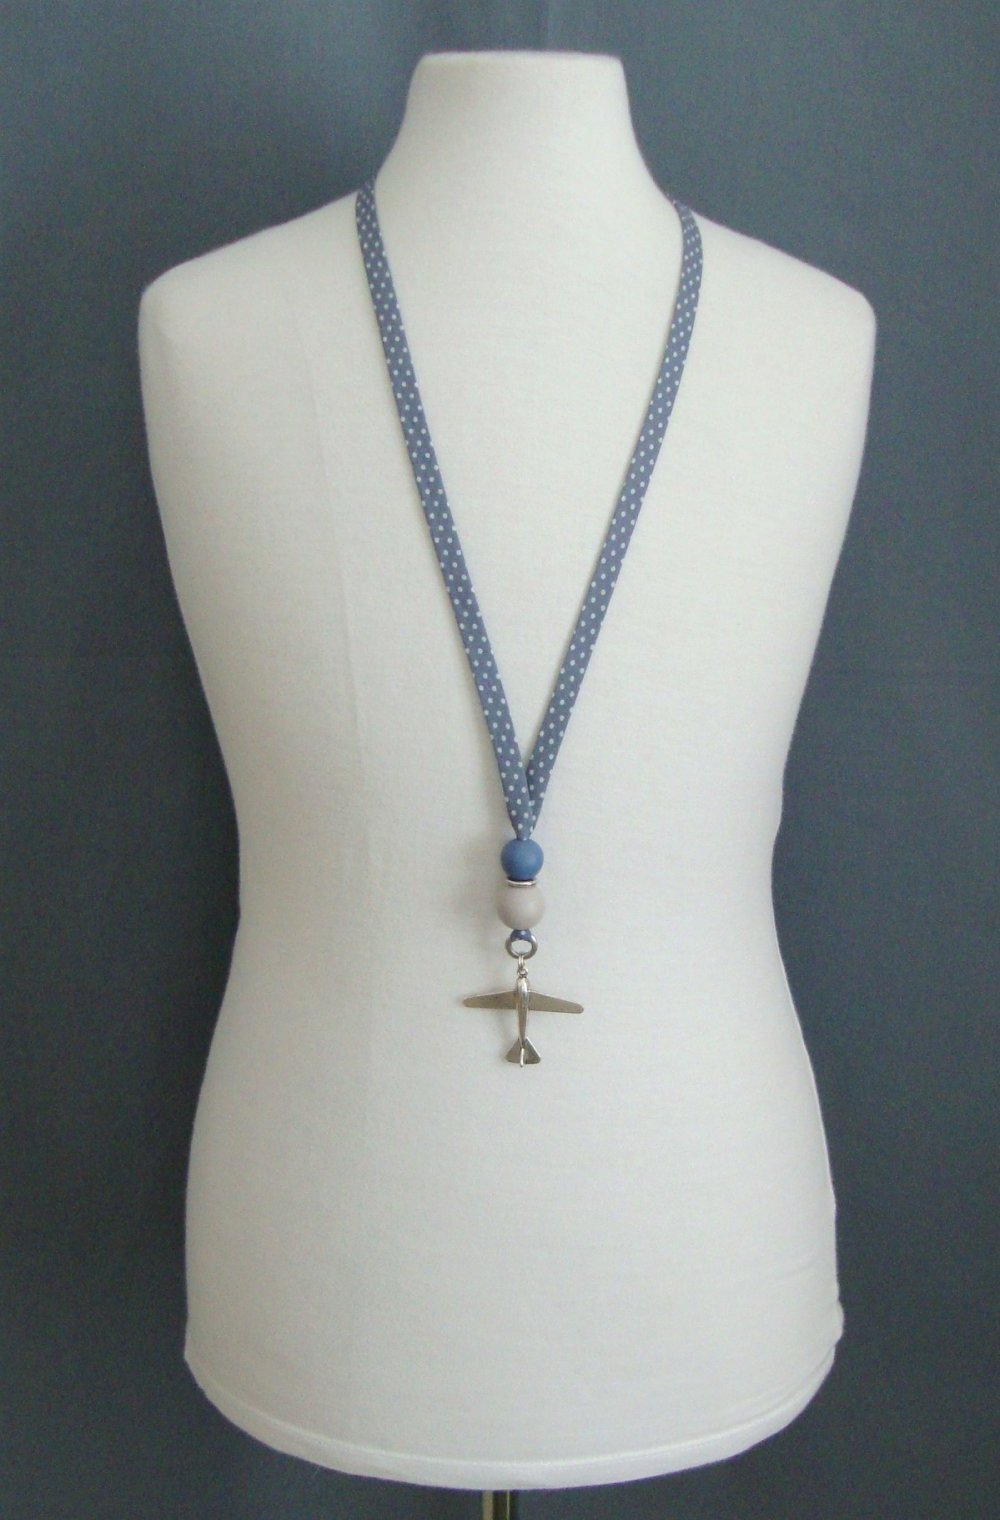 """Collier en biais Frou Frou """"ardoise cendrée à pois"""", perles rondes en bois bleue et grise, pendentif avion."""